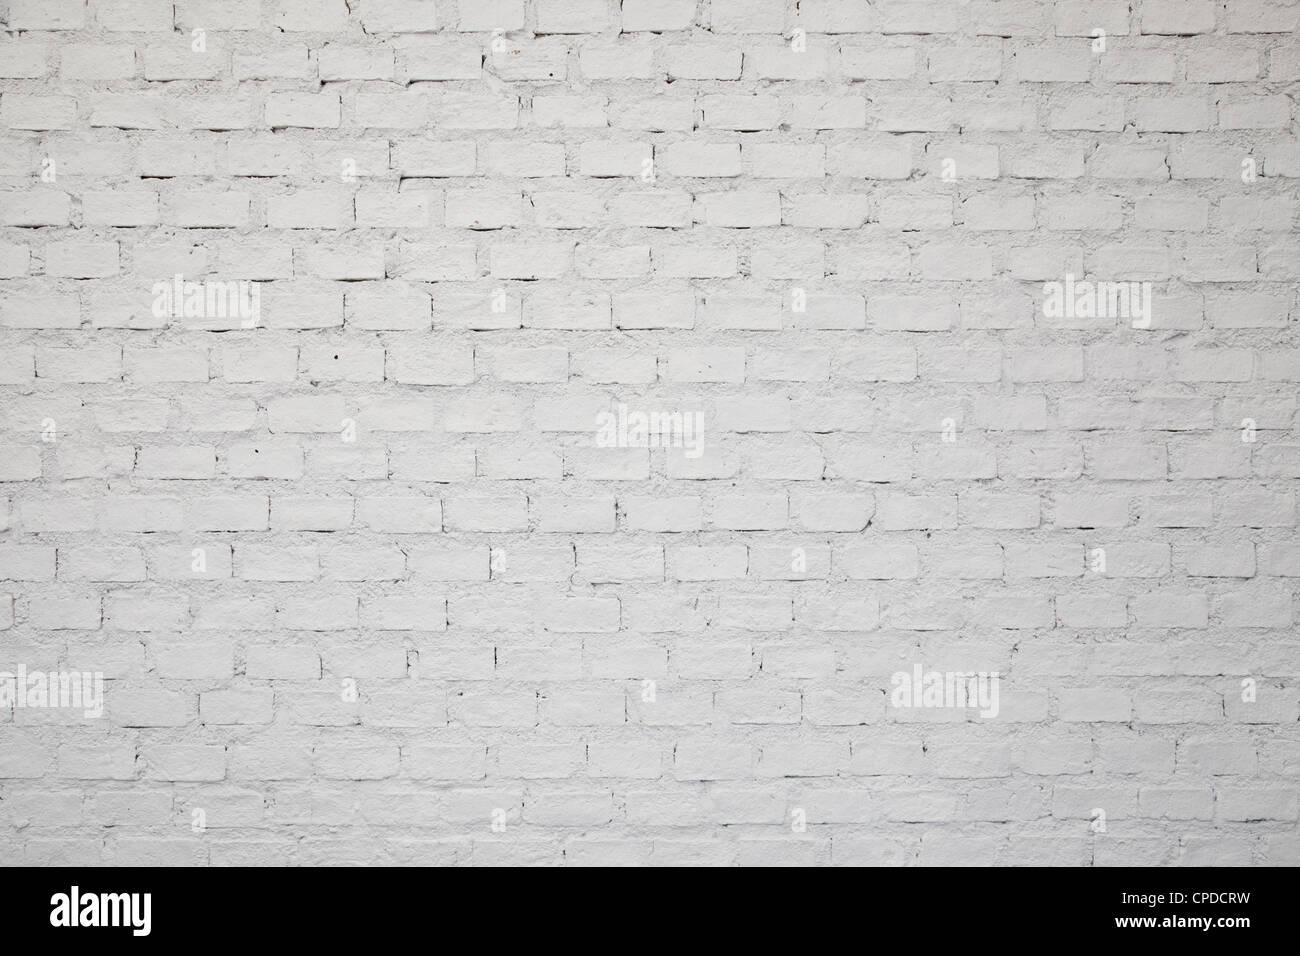 eine wei e ziegel wand hintergrund stockfoto bild 48238621 alamy. Black Bedroom Furniture Sets. Home Design Ideas